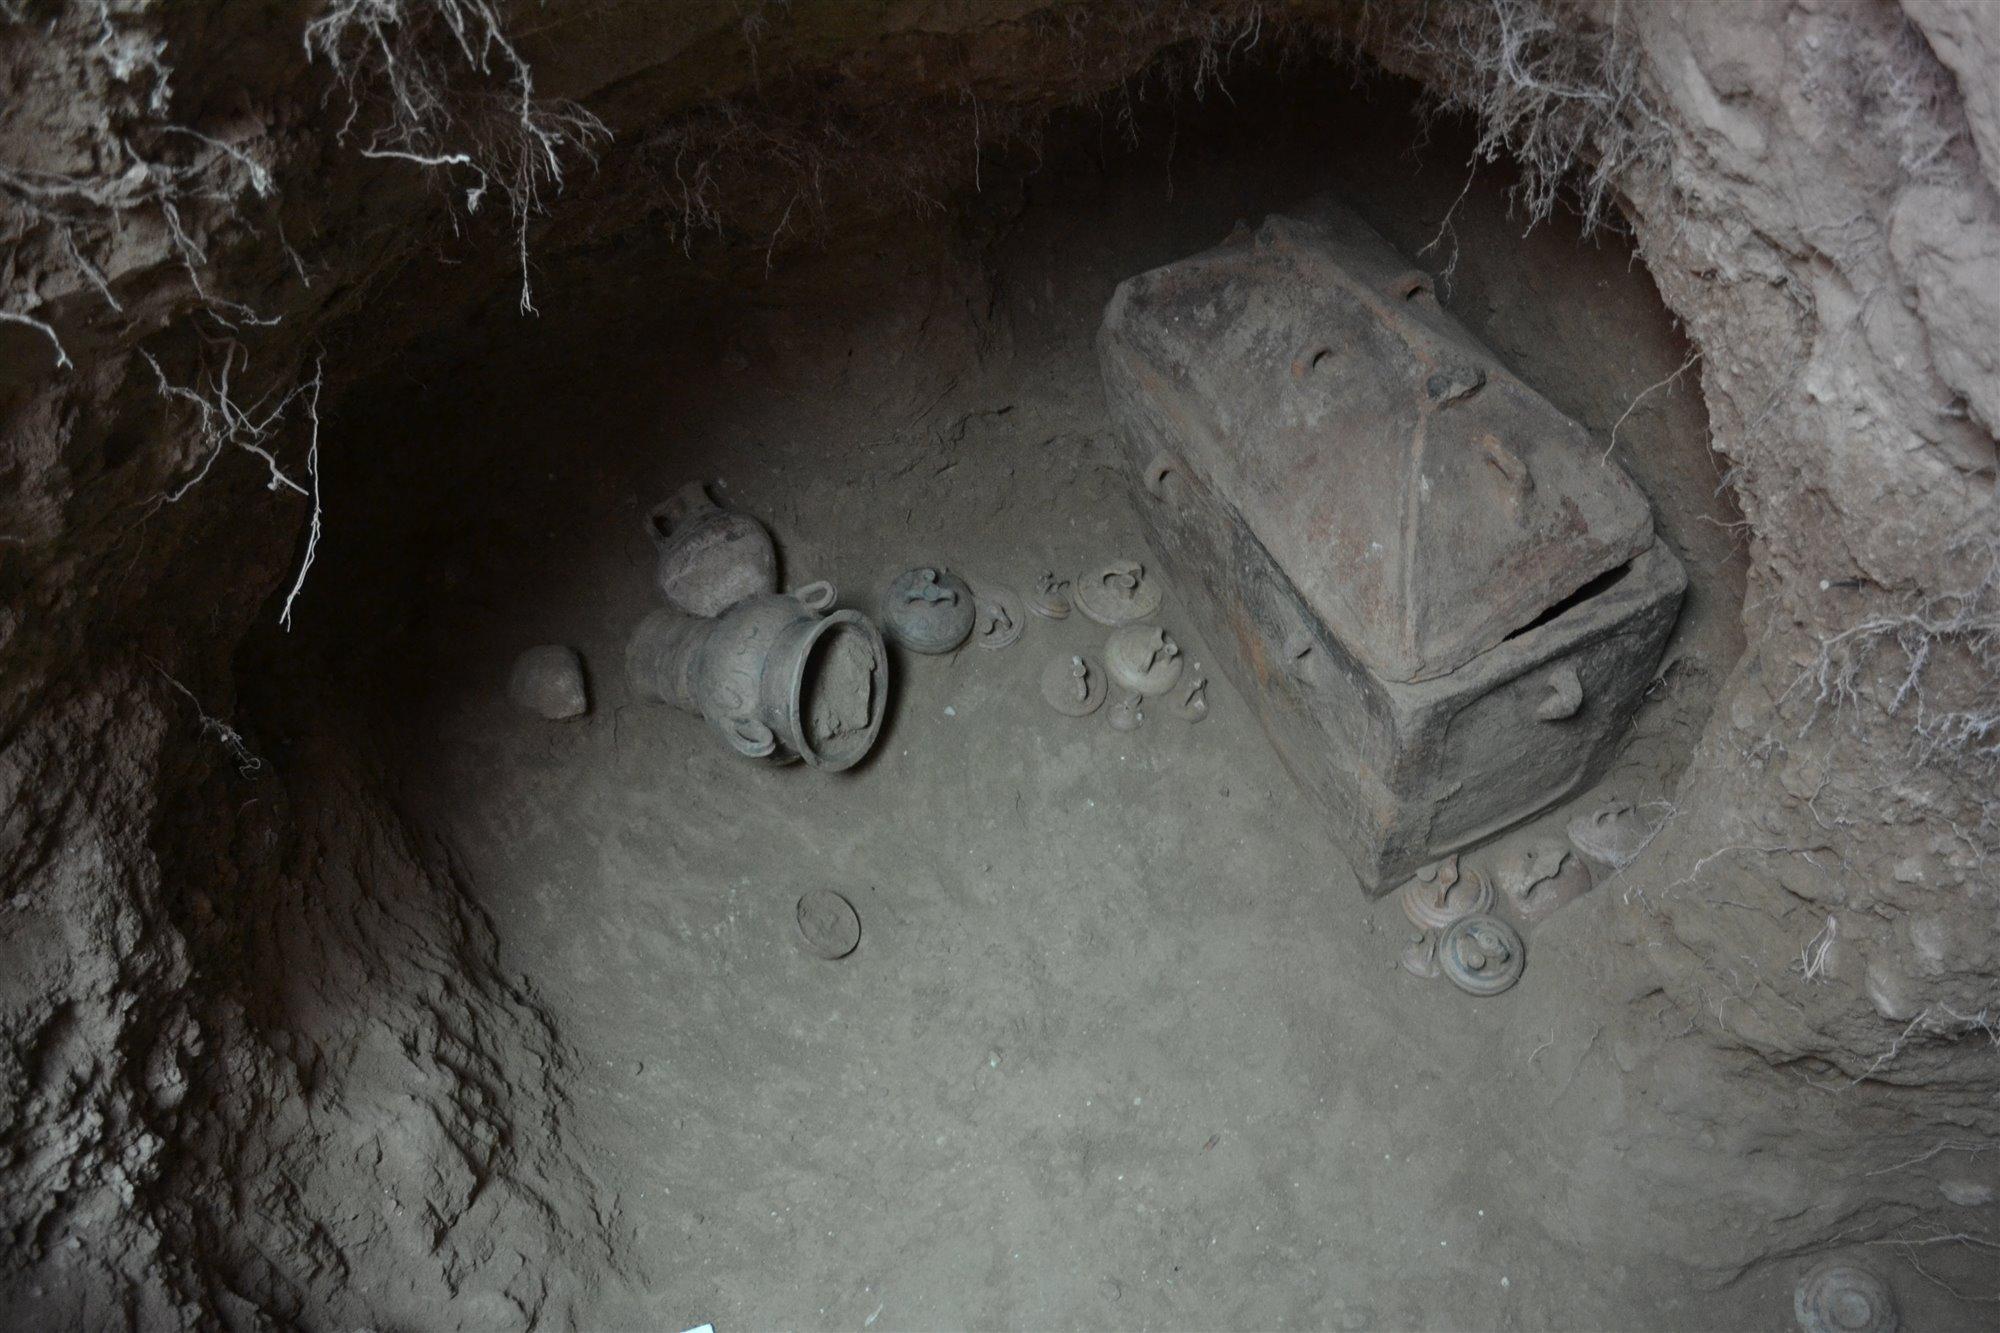 (Fotos) Arqueólogos descubrieron una tumba milenaria con dos esqueletos bien conservados